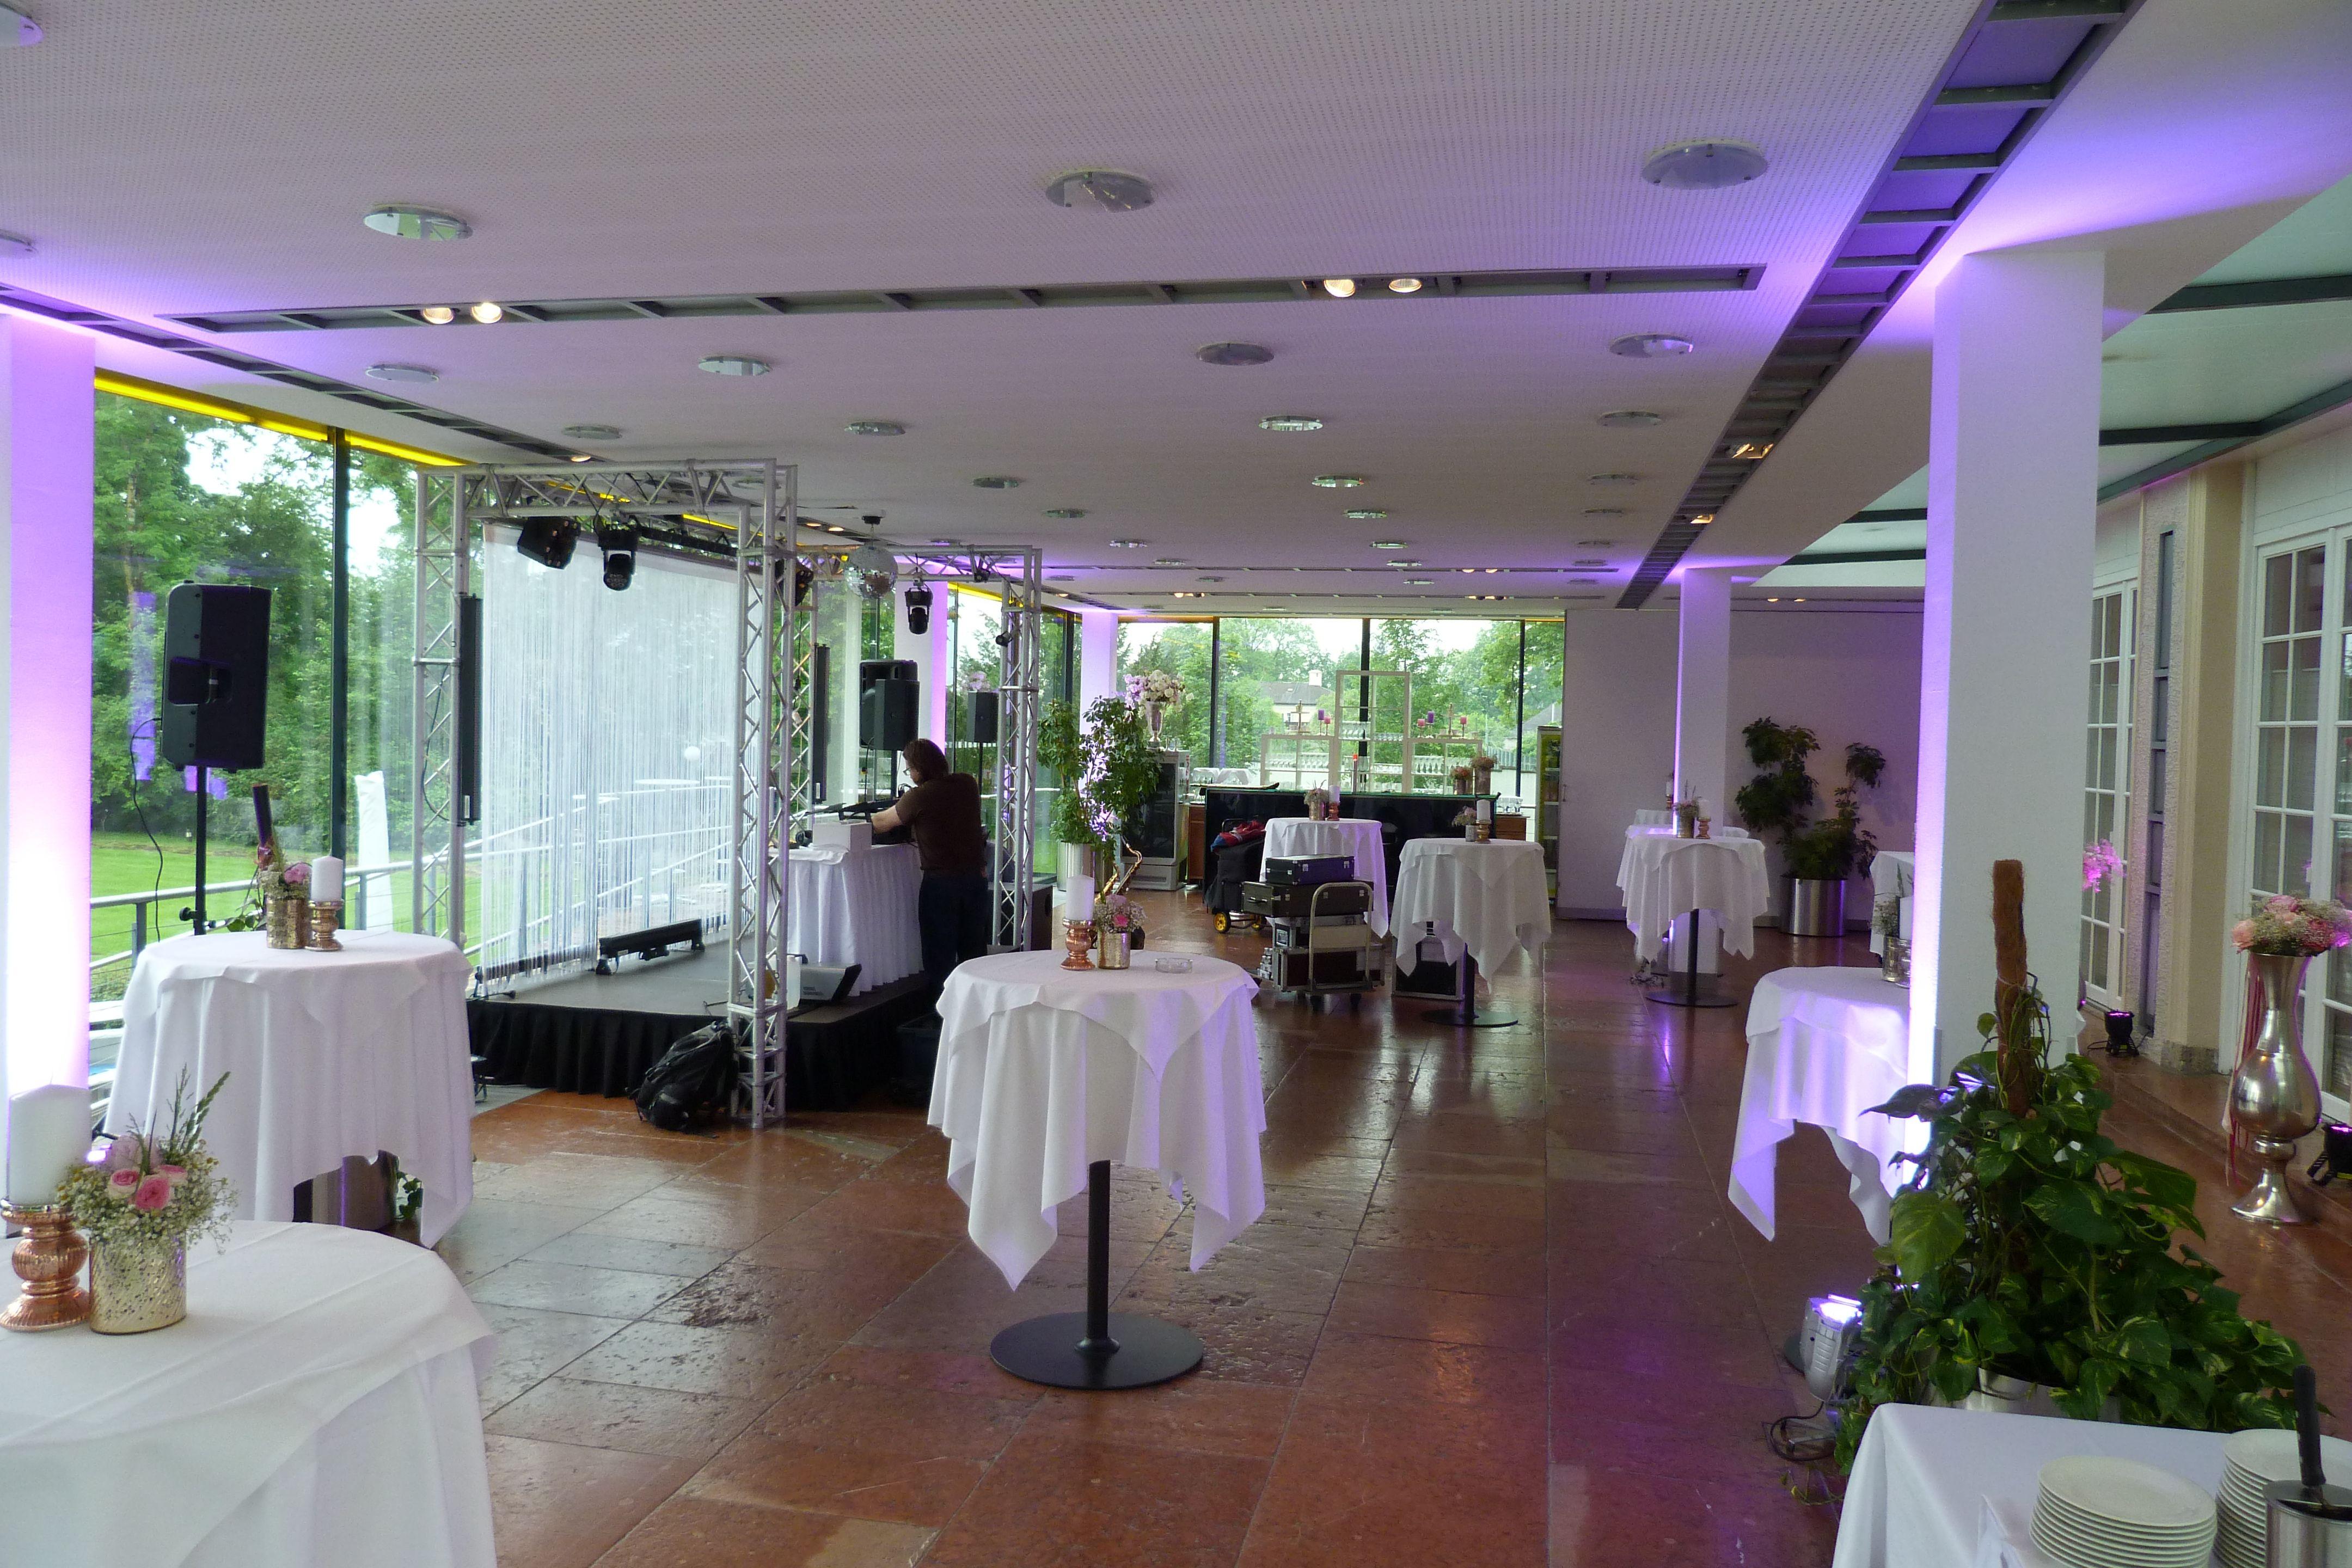 Gastwerk Hotel Hamburg Hamburg S First Design Hotel